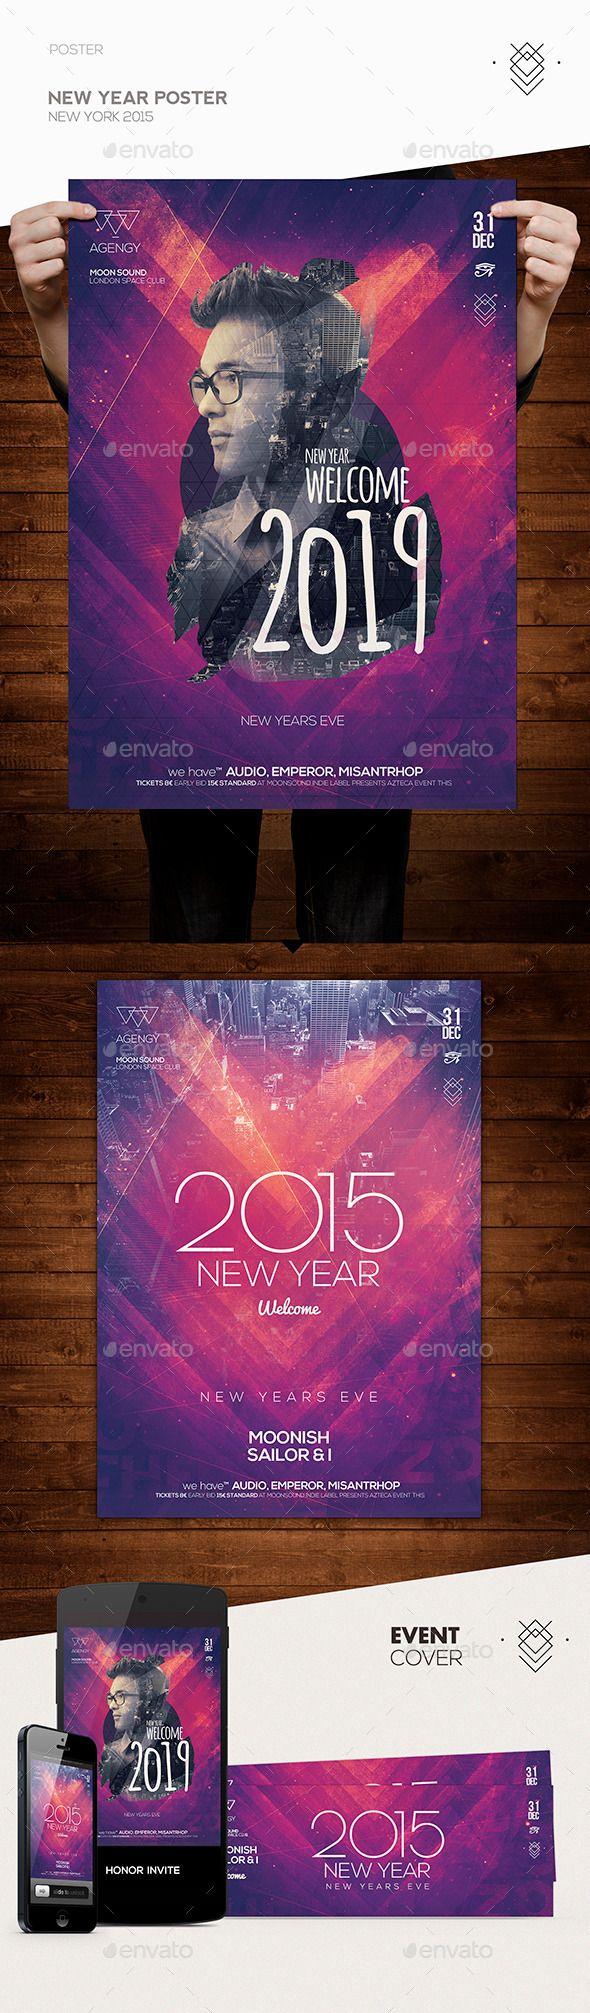 T-shirt design zeixs - New Year Poster Flyer